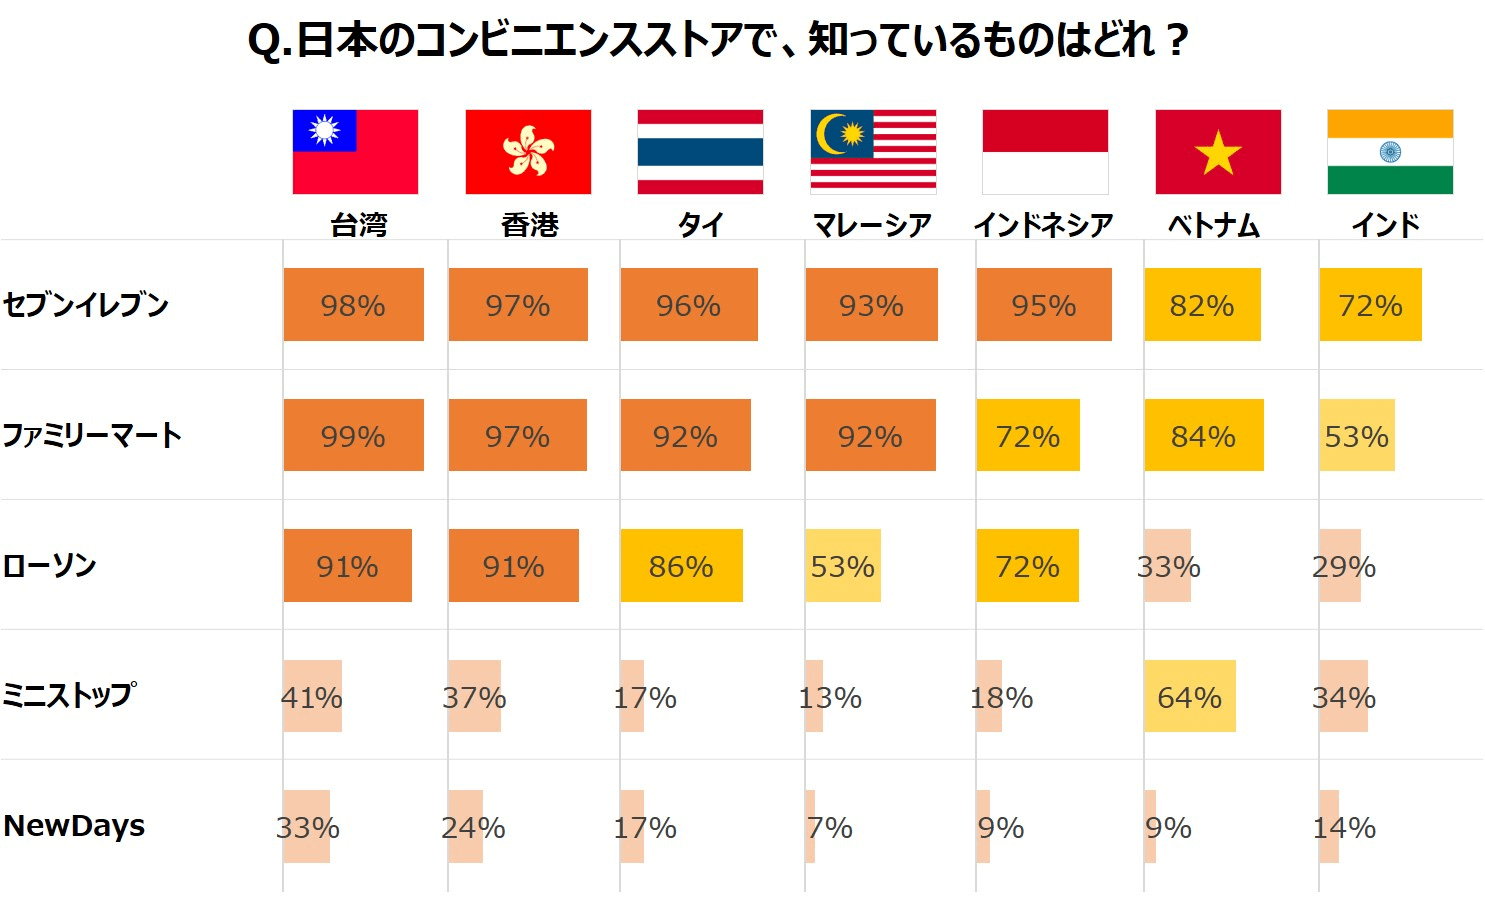 日本のコンビニエンスストアで、知っているものはどれですか